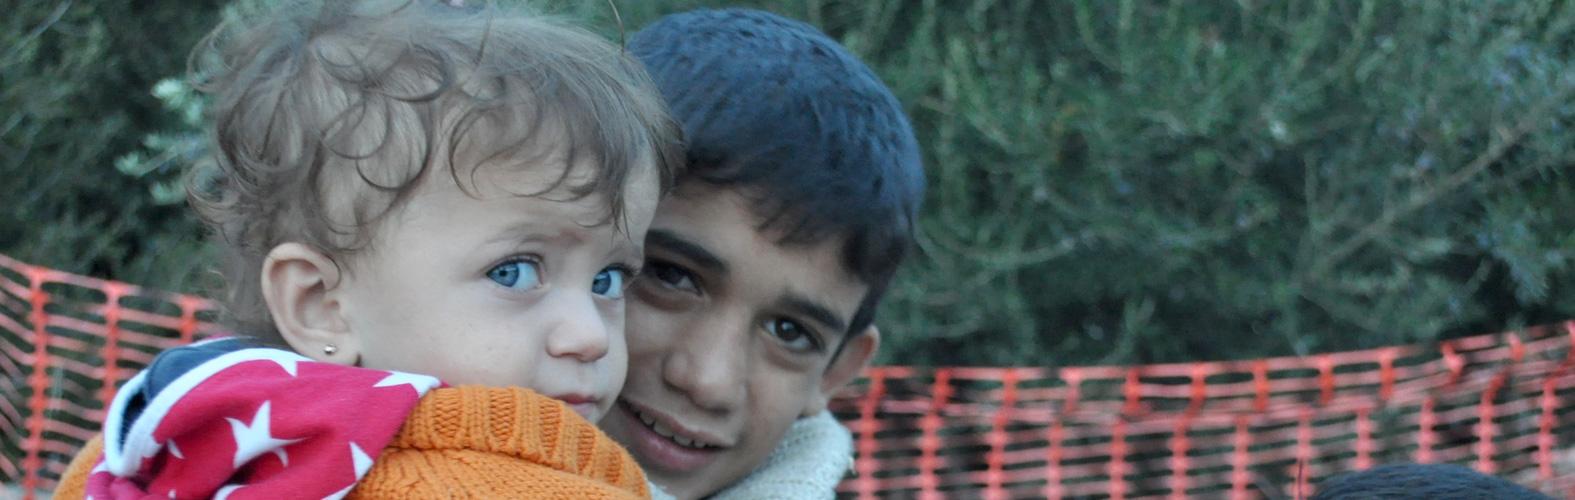 Refugees-Kids-Lesbos-Slider